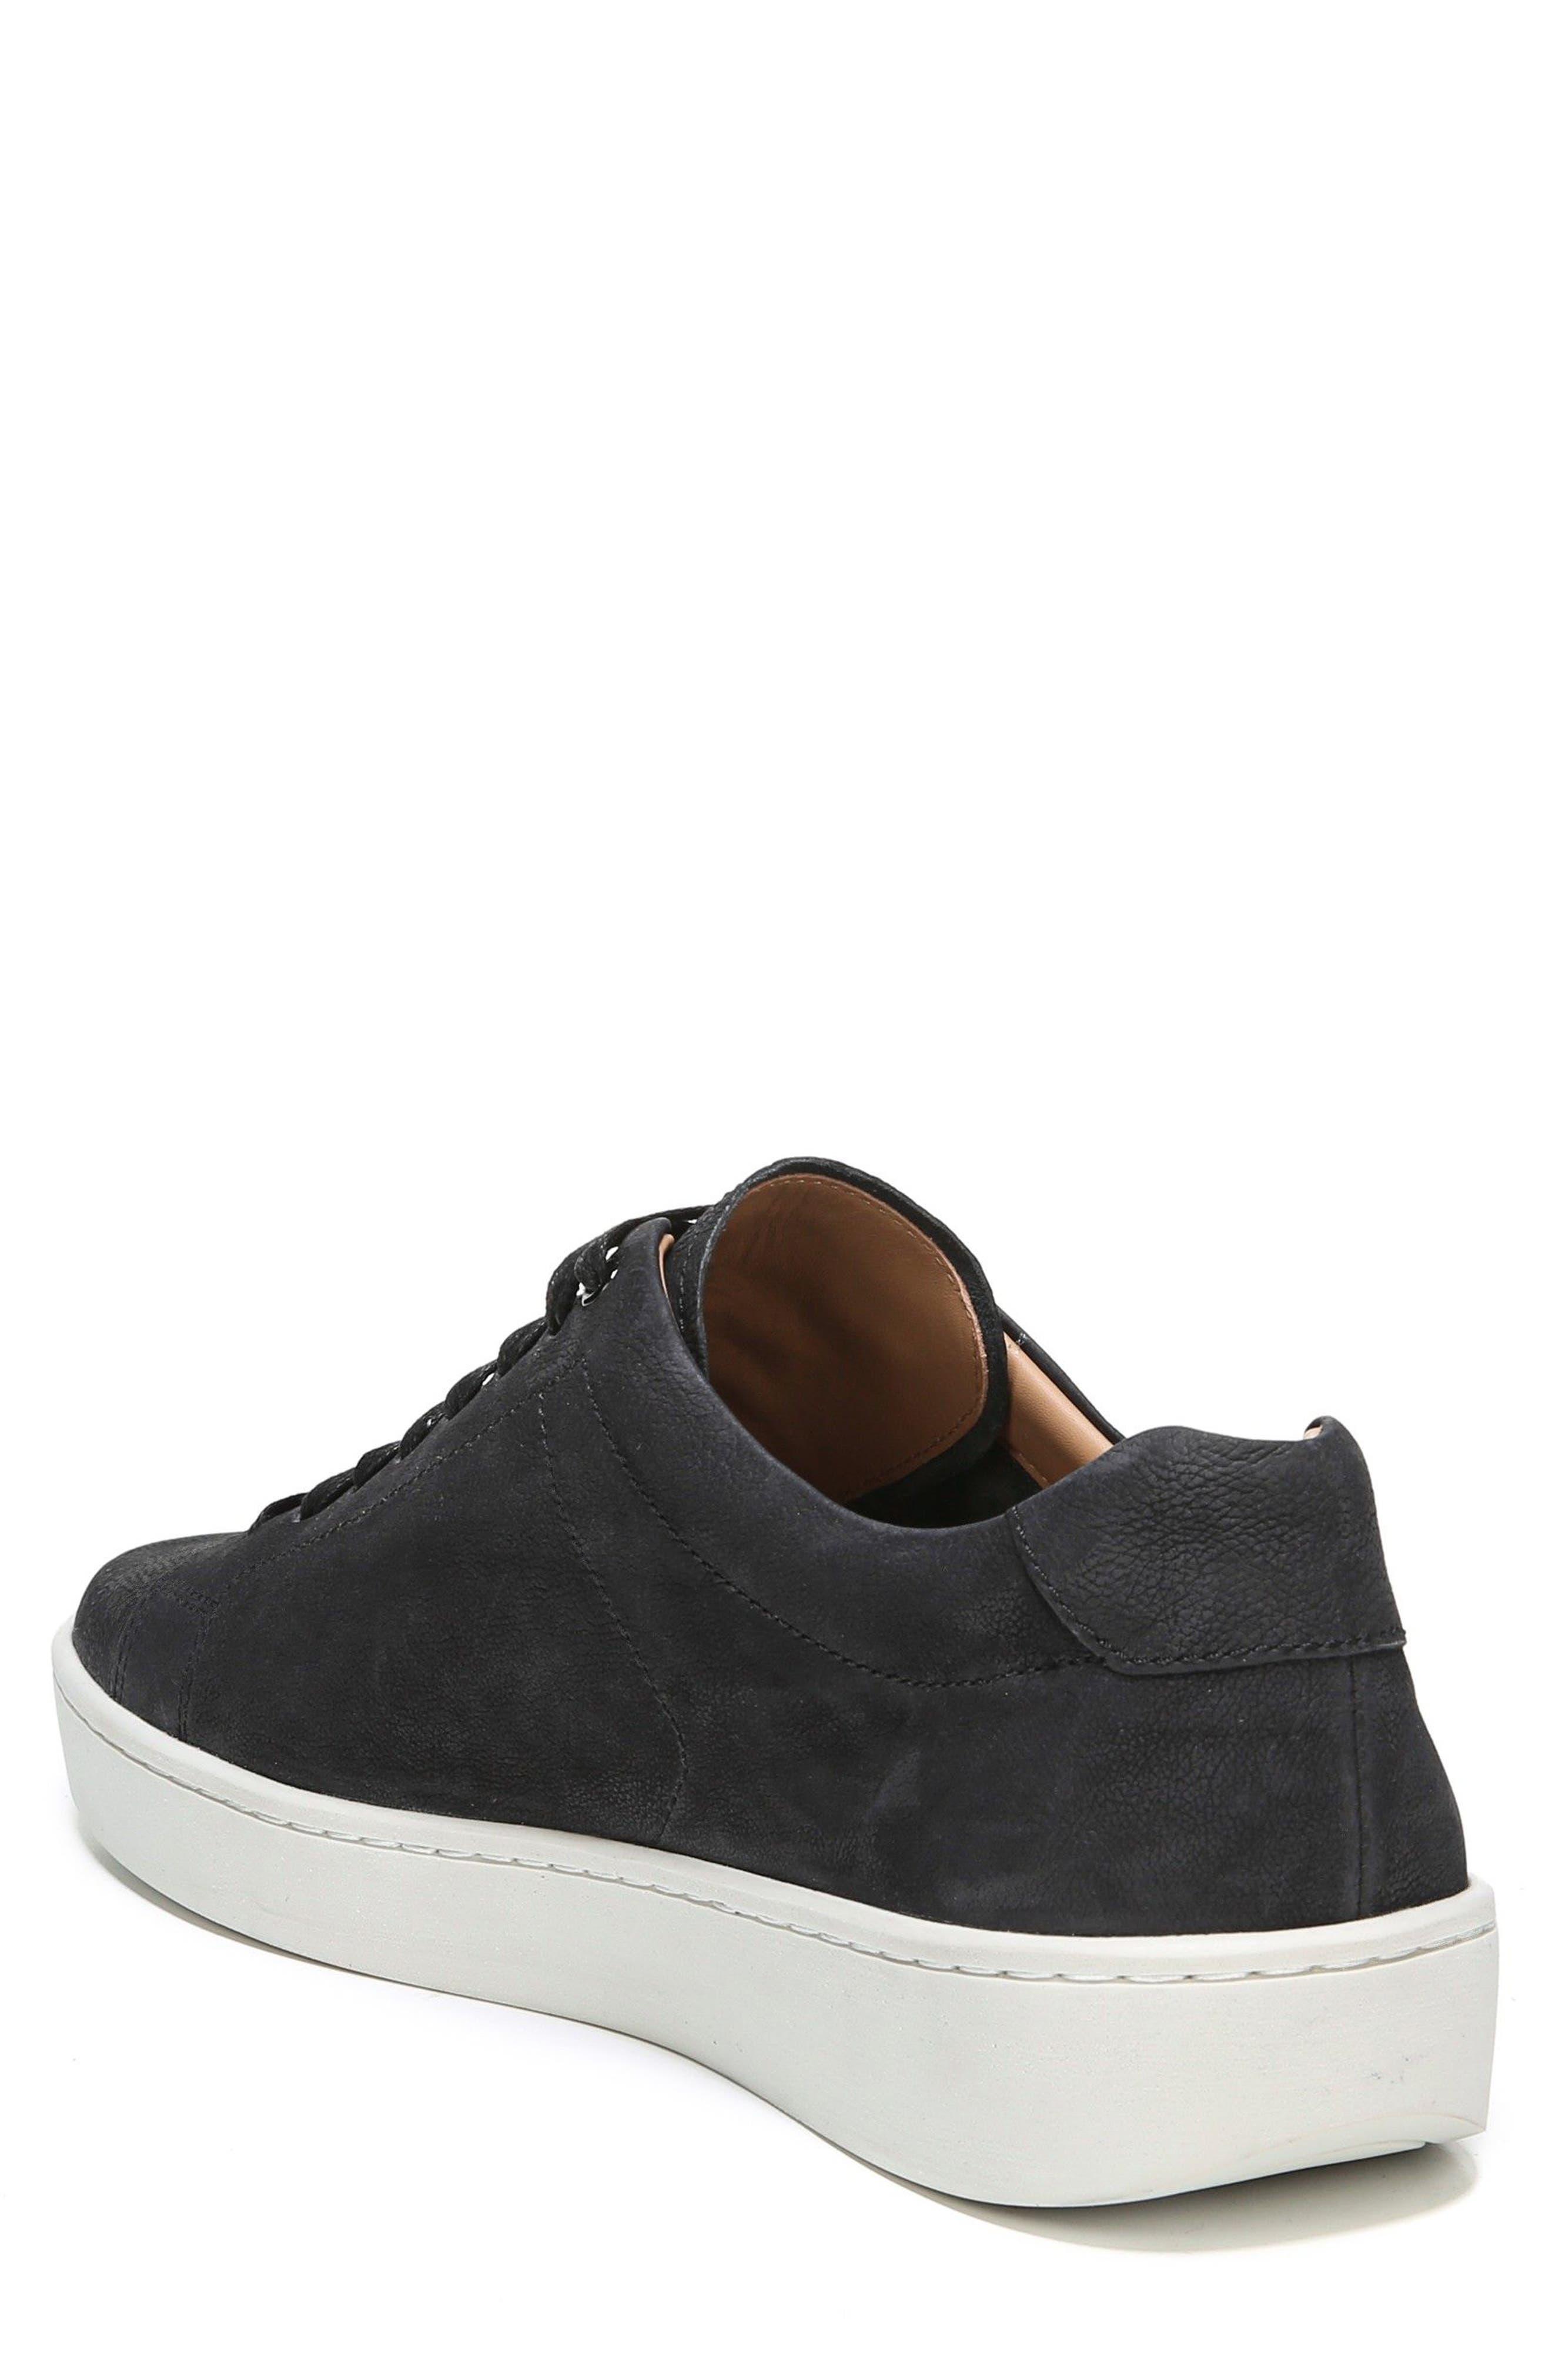 Slater Sneaker,                             Alternate thumbnail 2, color,                             BLACK NUBUCK